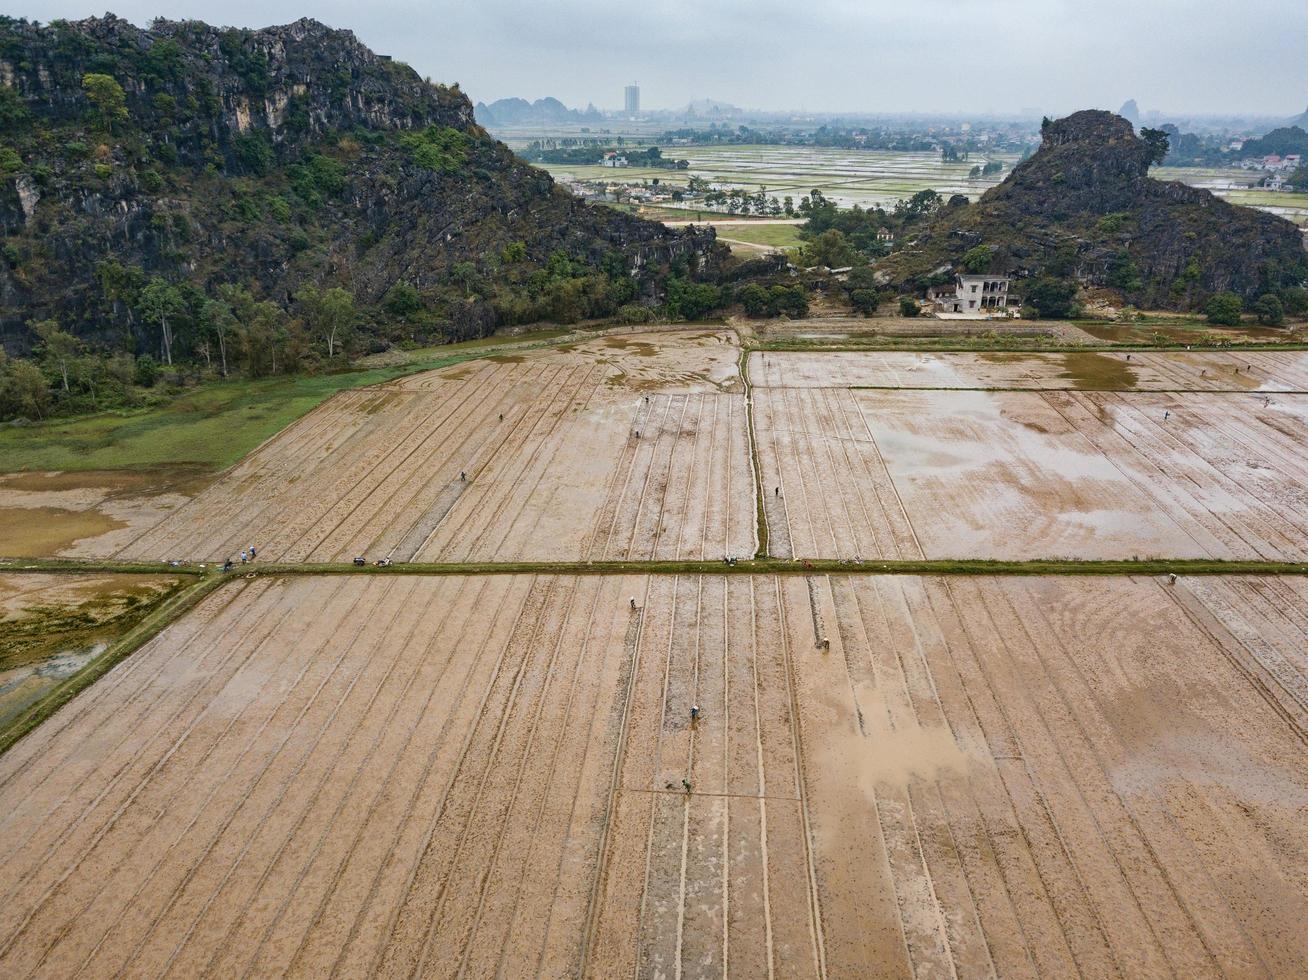 thanh pho ninh binh, vietnã, 2017- pessoas plantando arroz em um campo foto